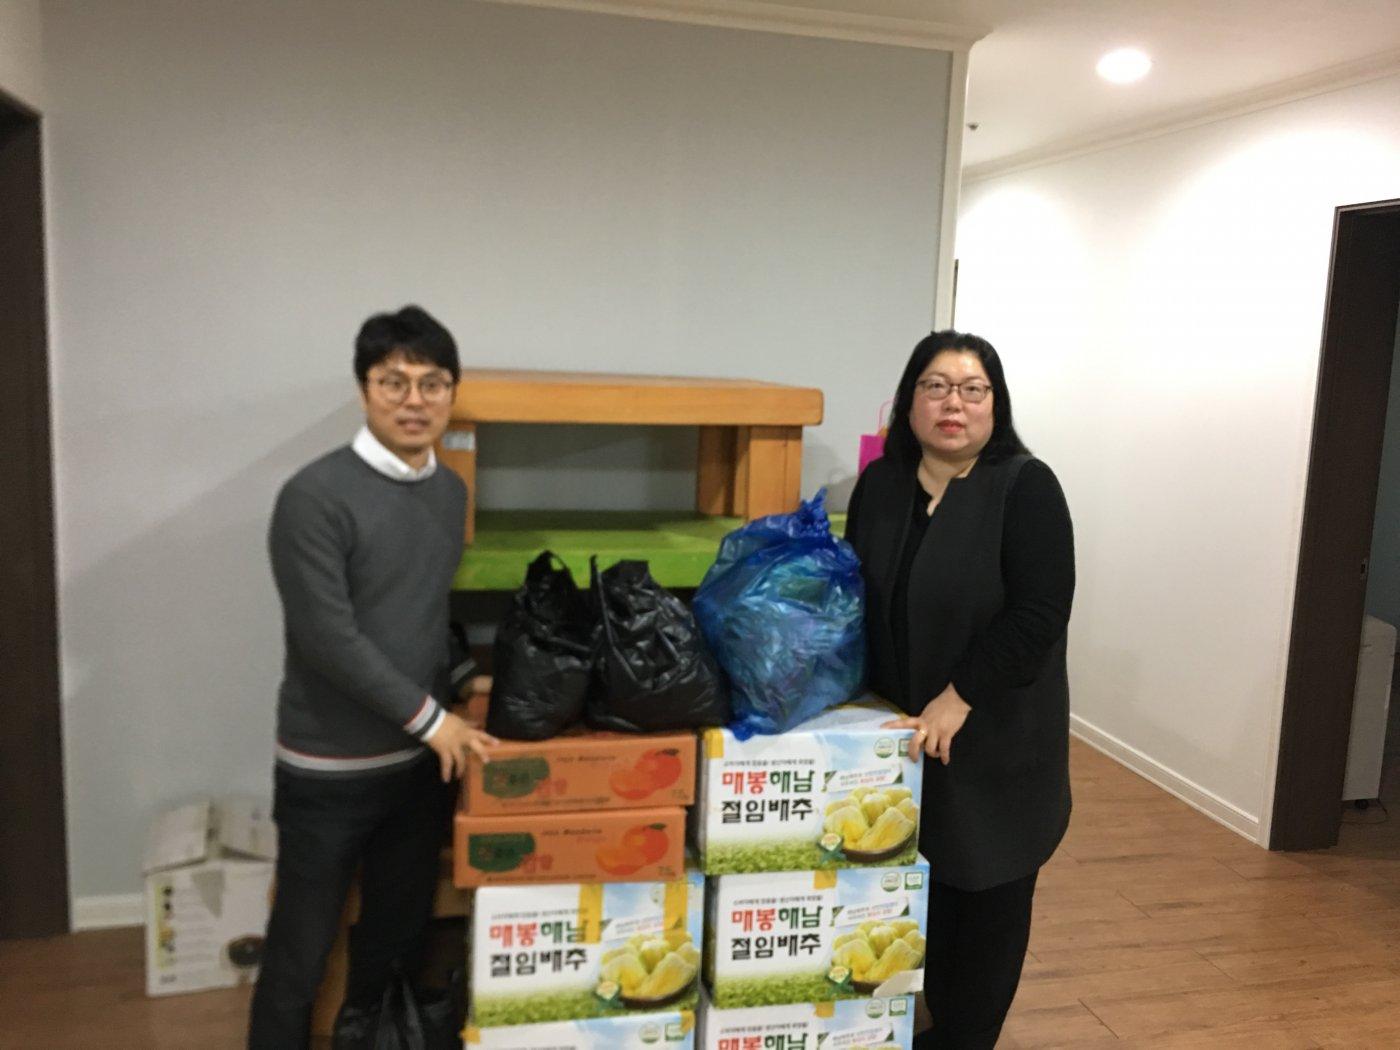 무등자립원 김장김치, 과일 전달